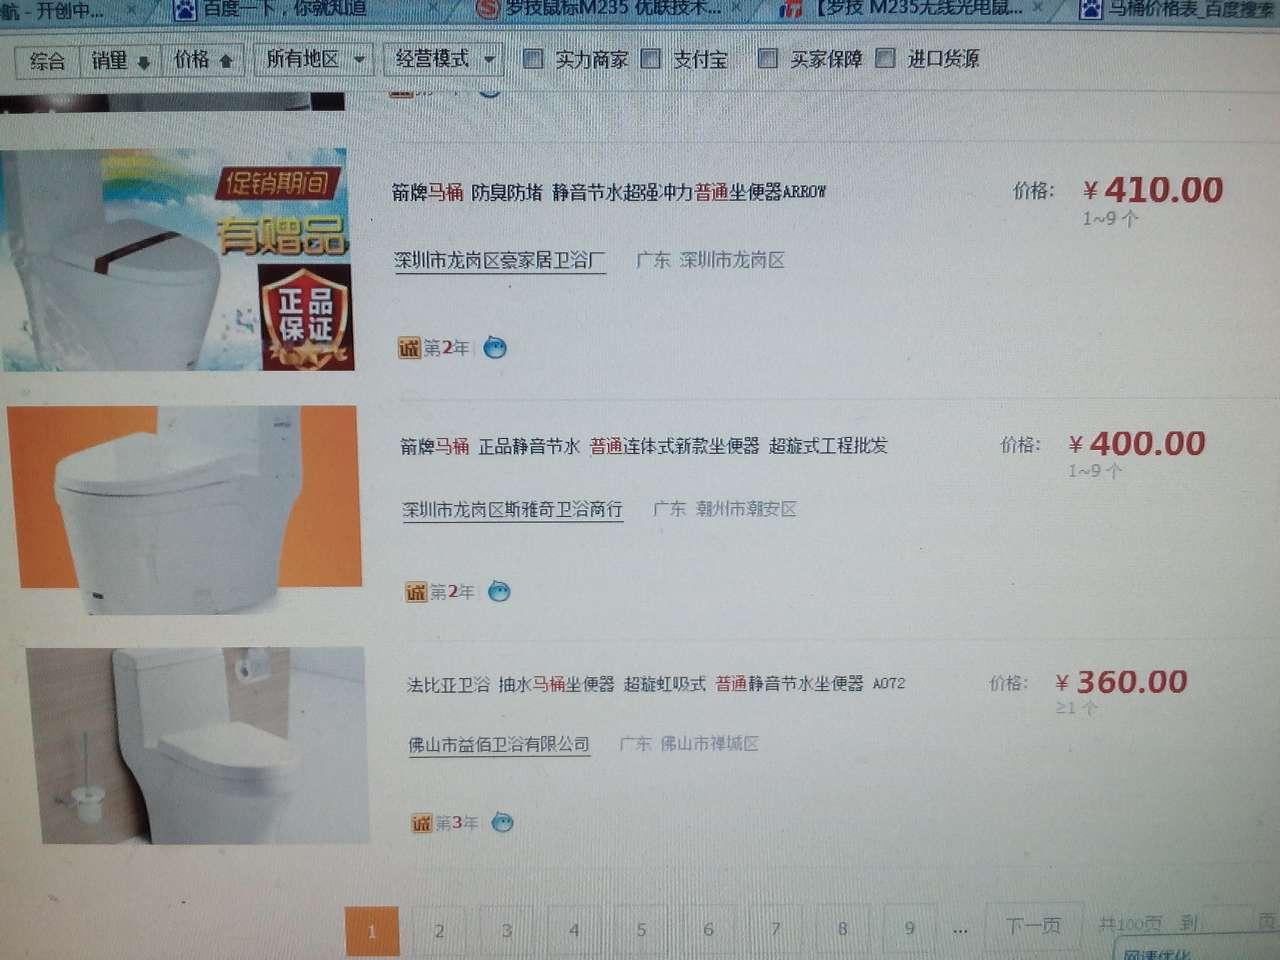 air jordan 12 gamma blue cheap 00226885 store